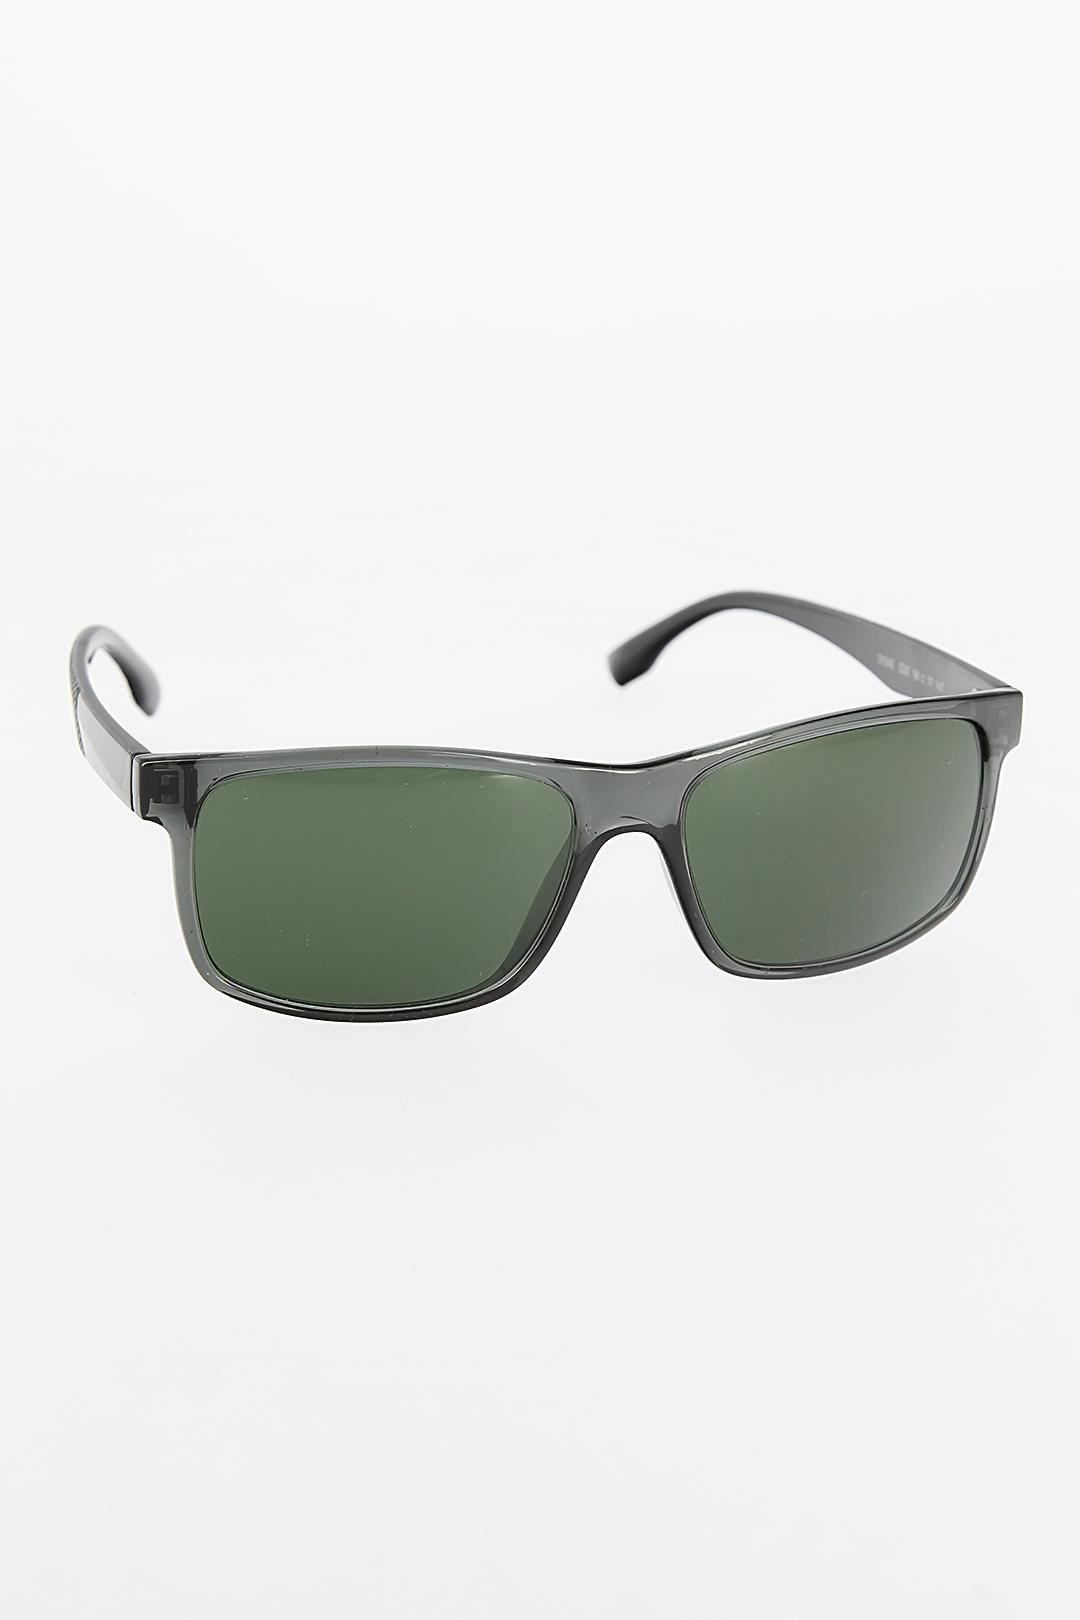 Gri Renk Çerçeveli Siyah Saplı Erkek Güneş Gözlüğü